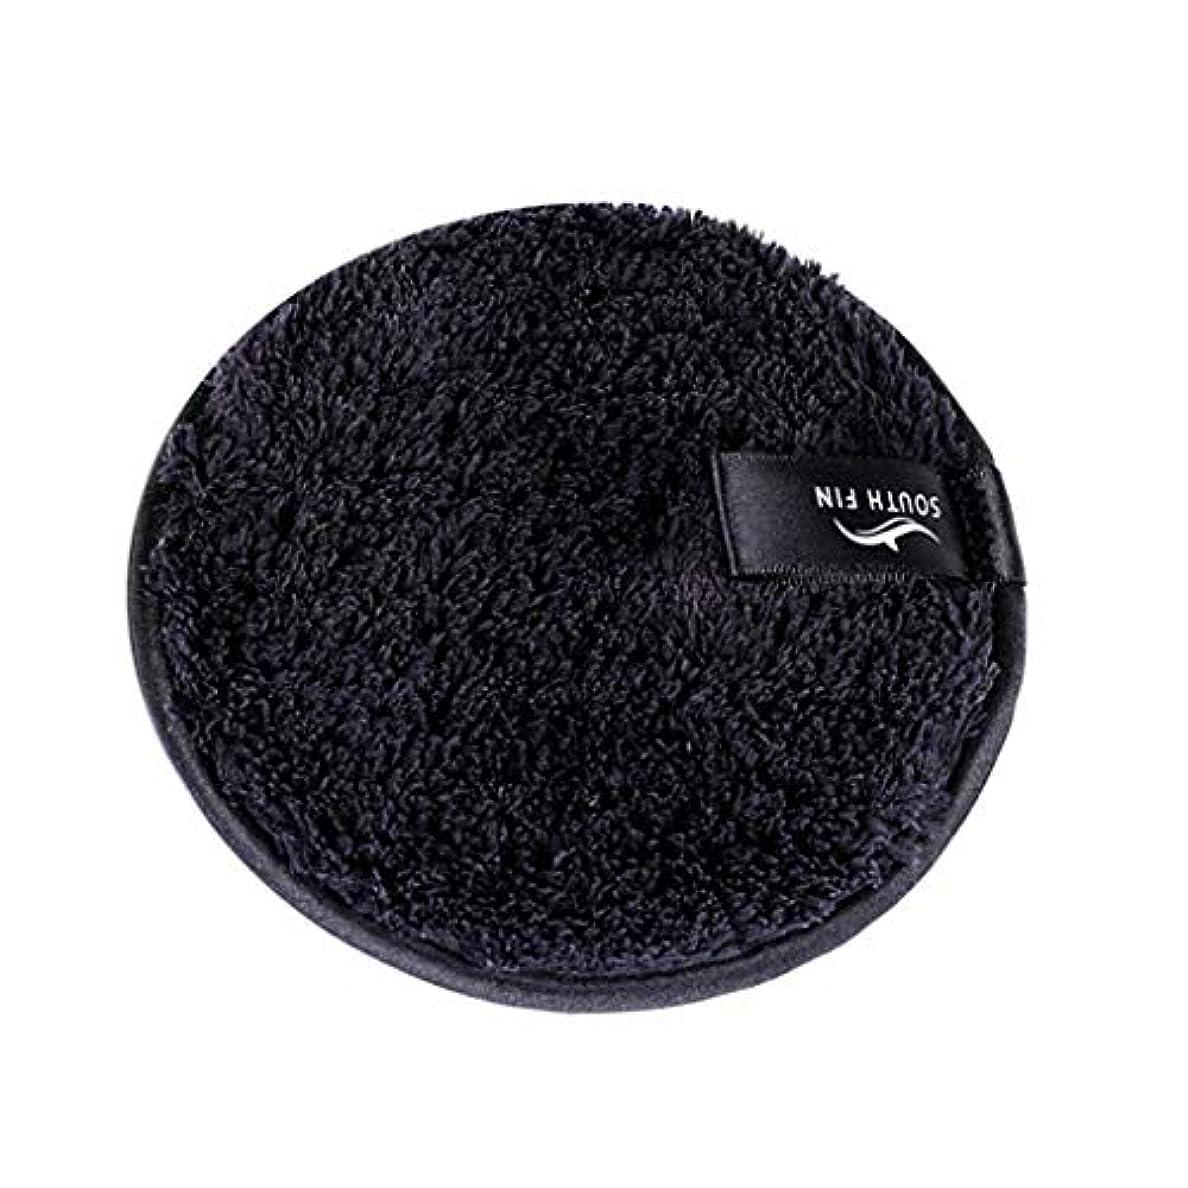 メイクリムーバー スポンジ パッド クレンジングパフ 洗顔 スキンケア 3色選べ - ブラック